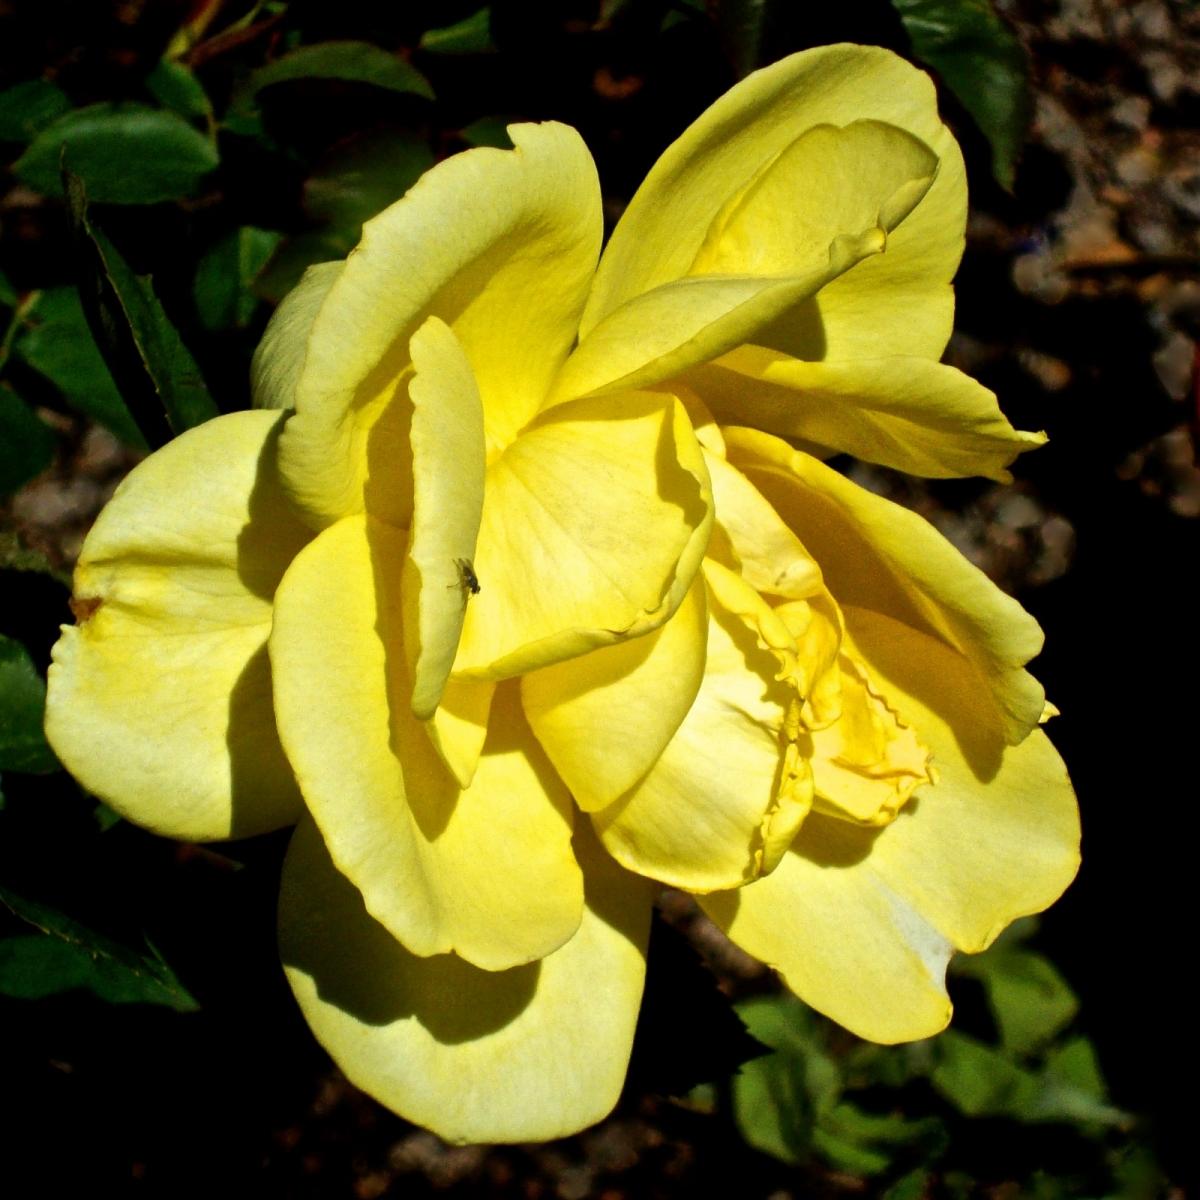 【晓鸣摄影】花卉植物49作展+独创简诗对照谱_图1-15